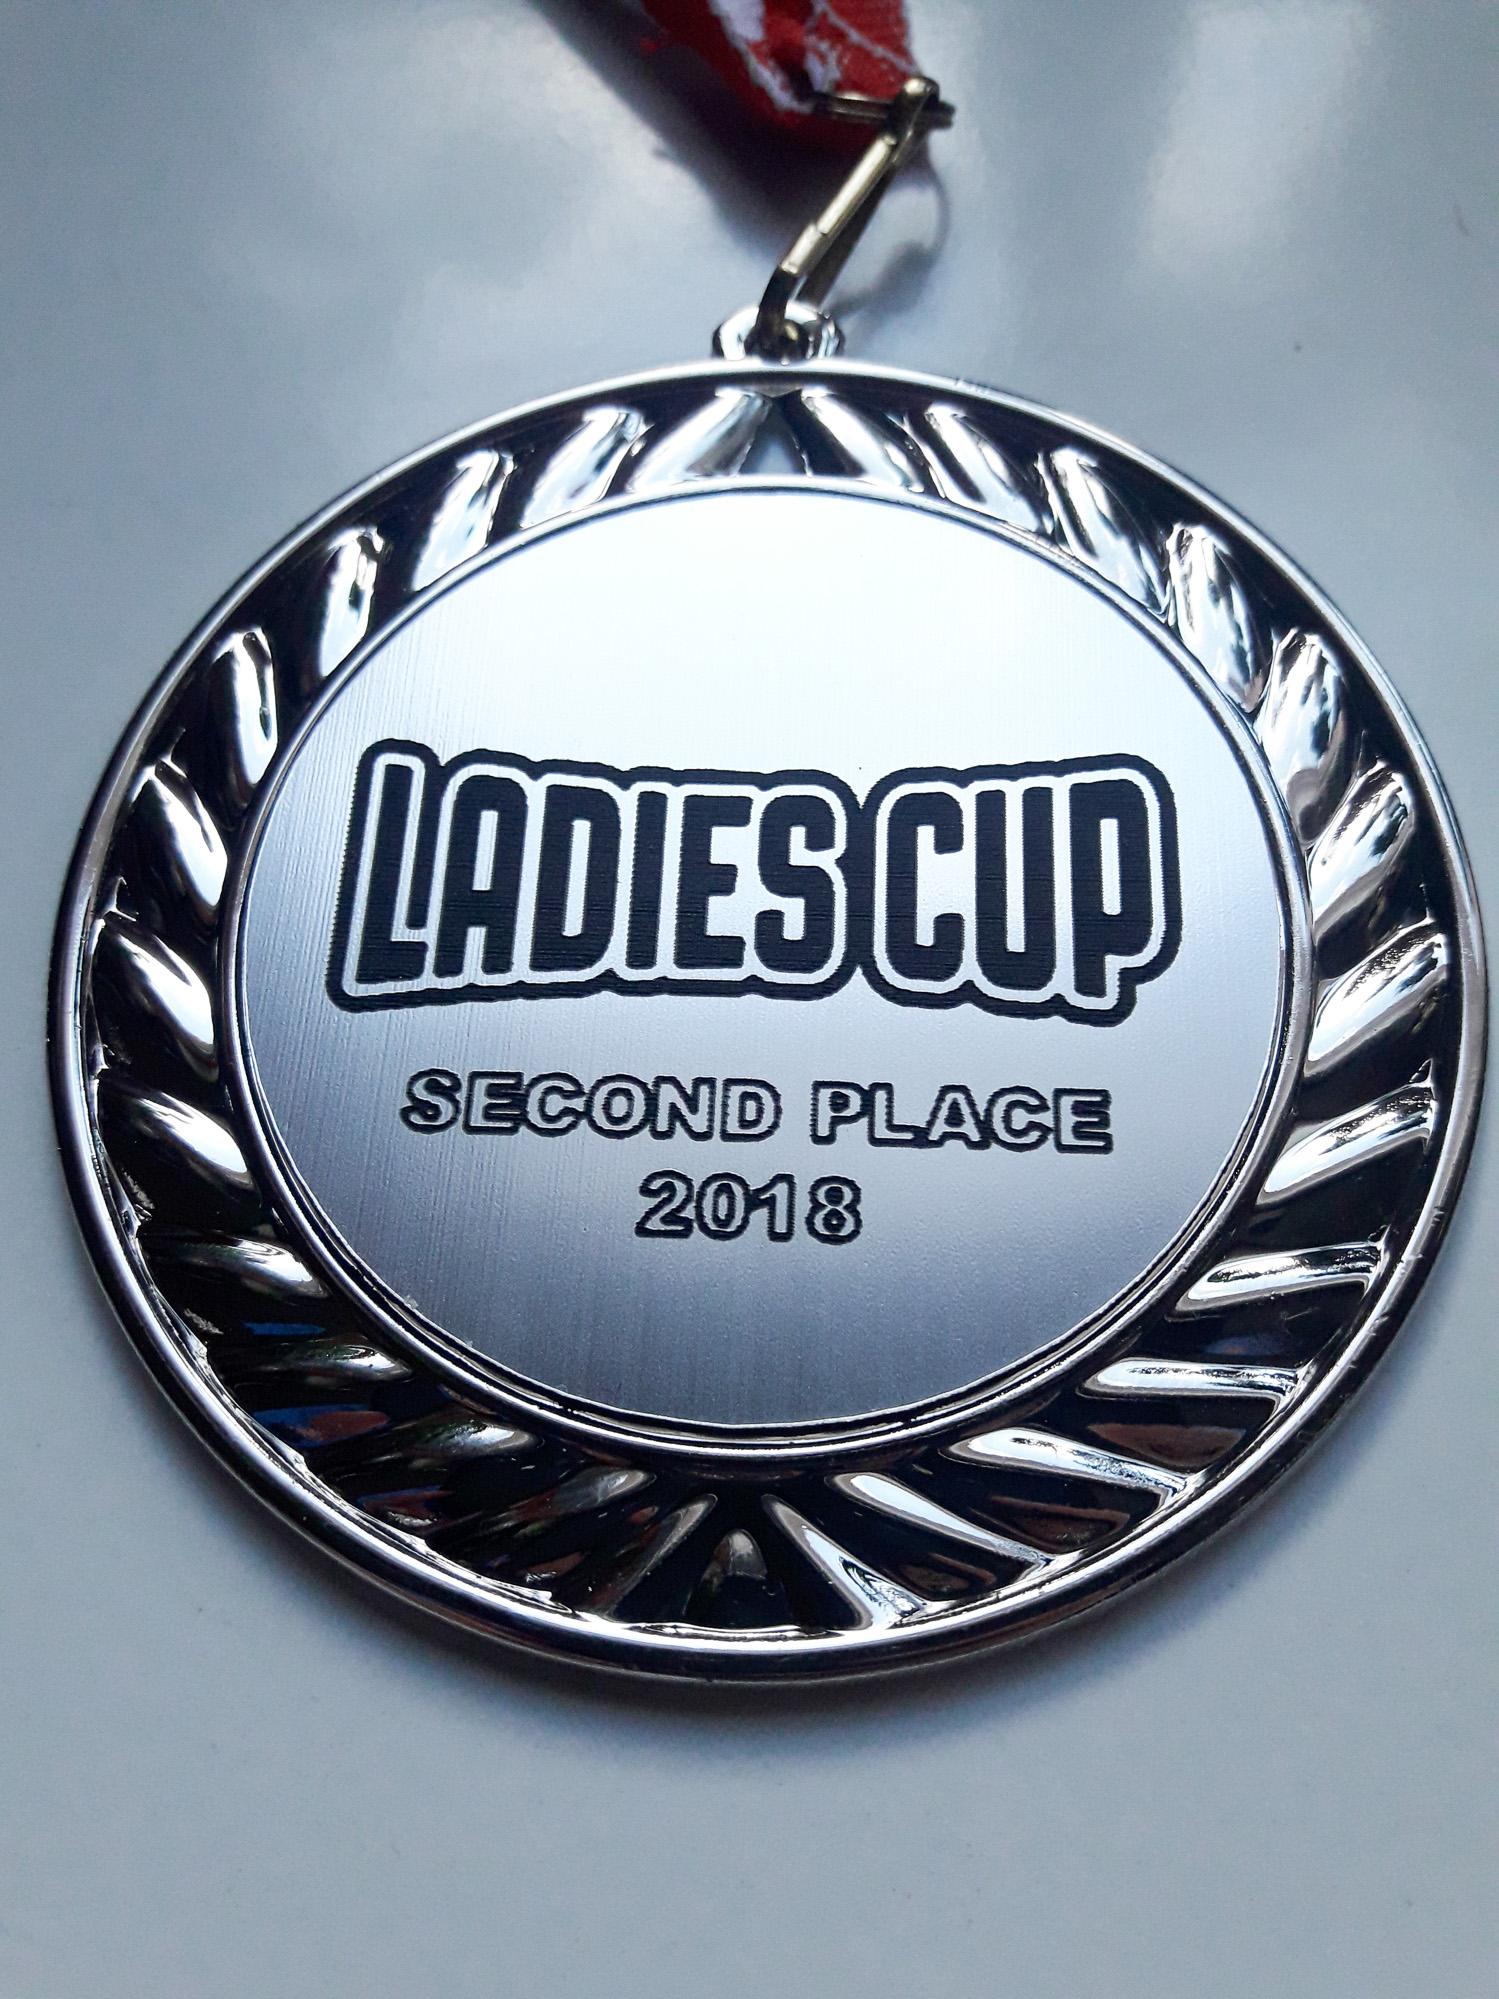 ladies-cup-bela-1